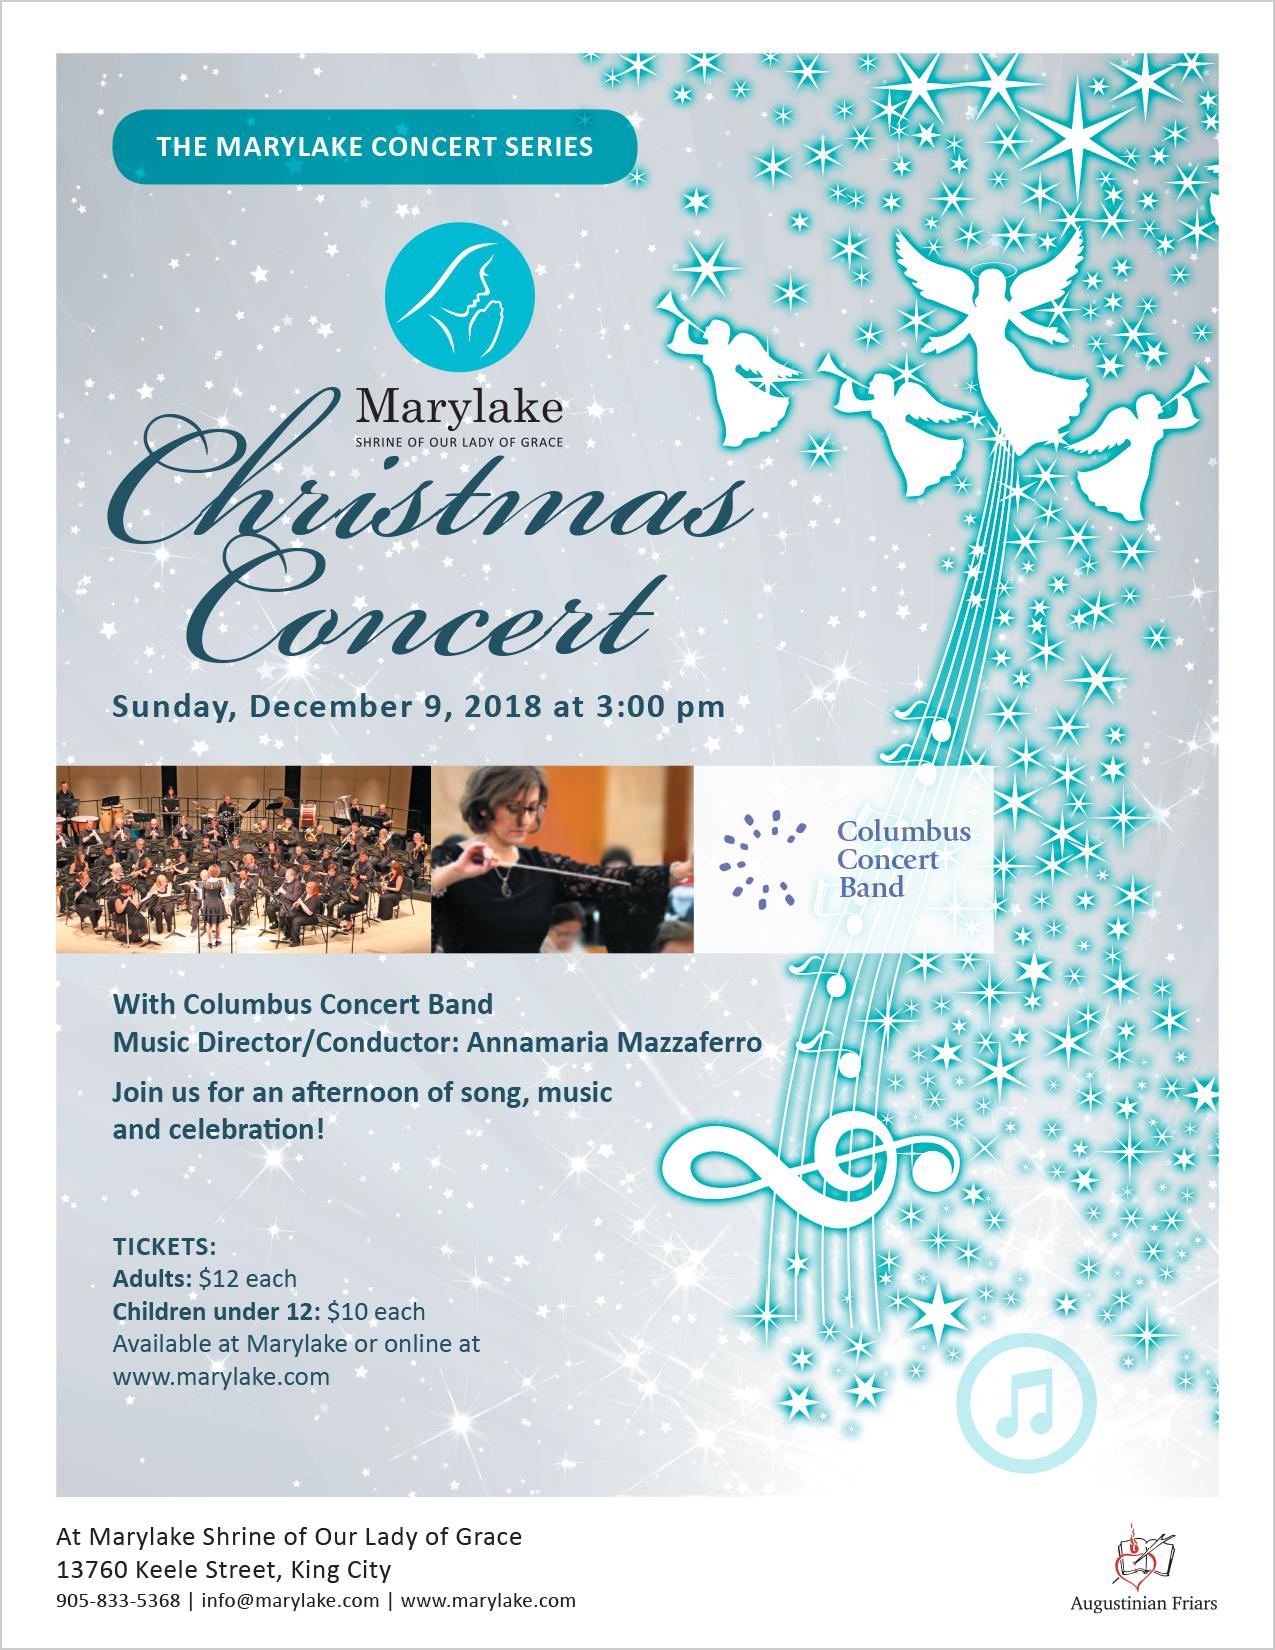 marylake_CCB_christmas_concert_8.5x11.jpg